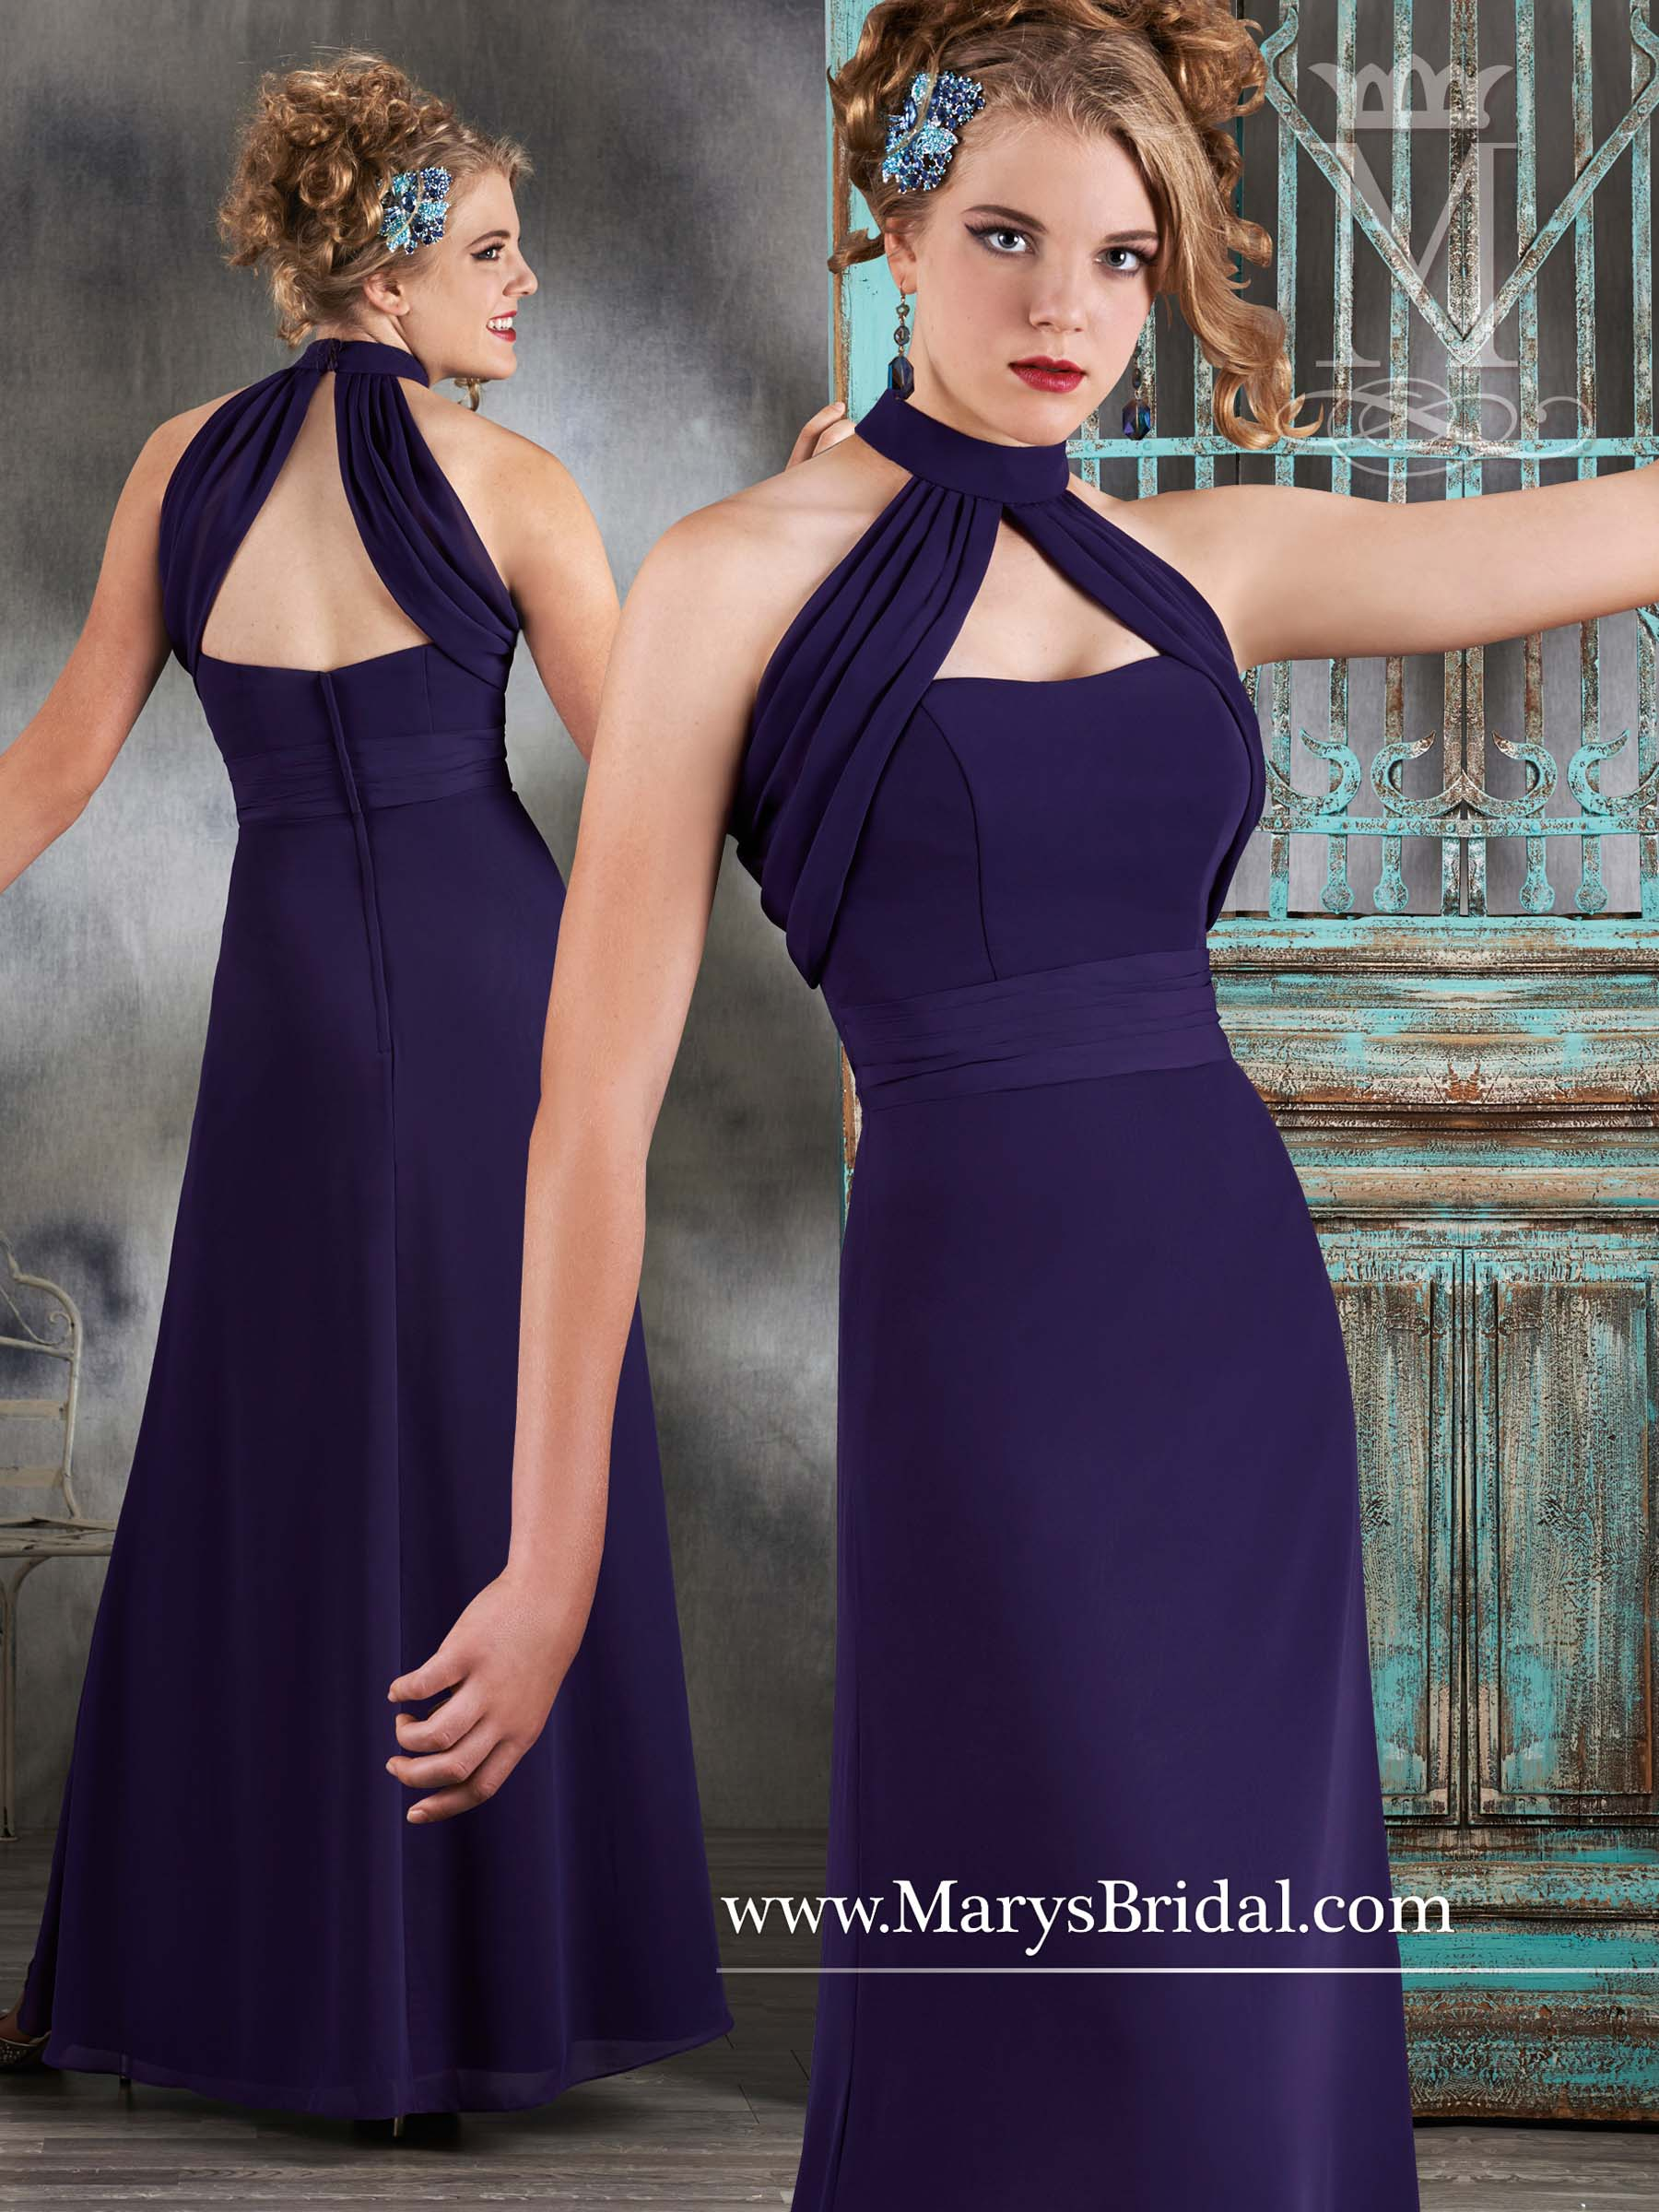 Bridesmaids - Modern Maids